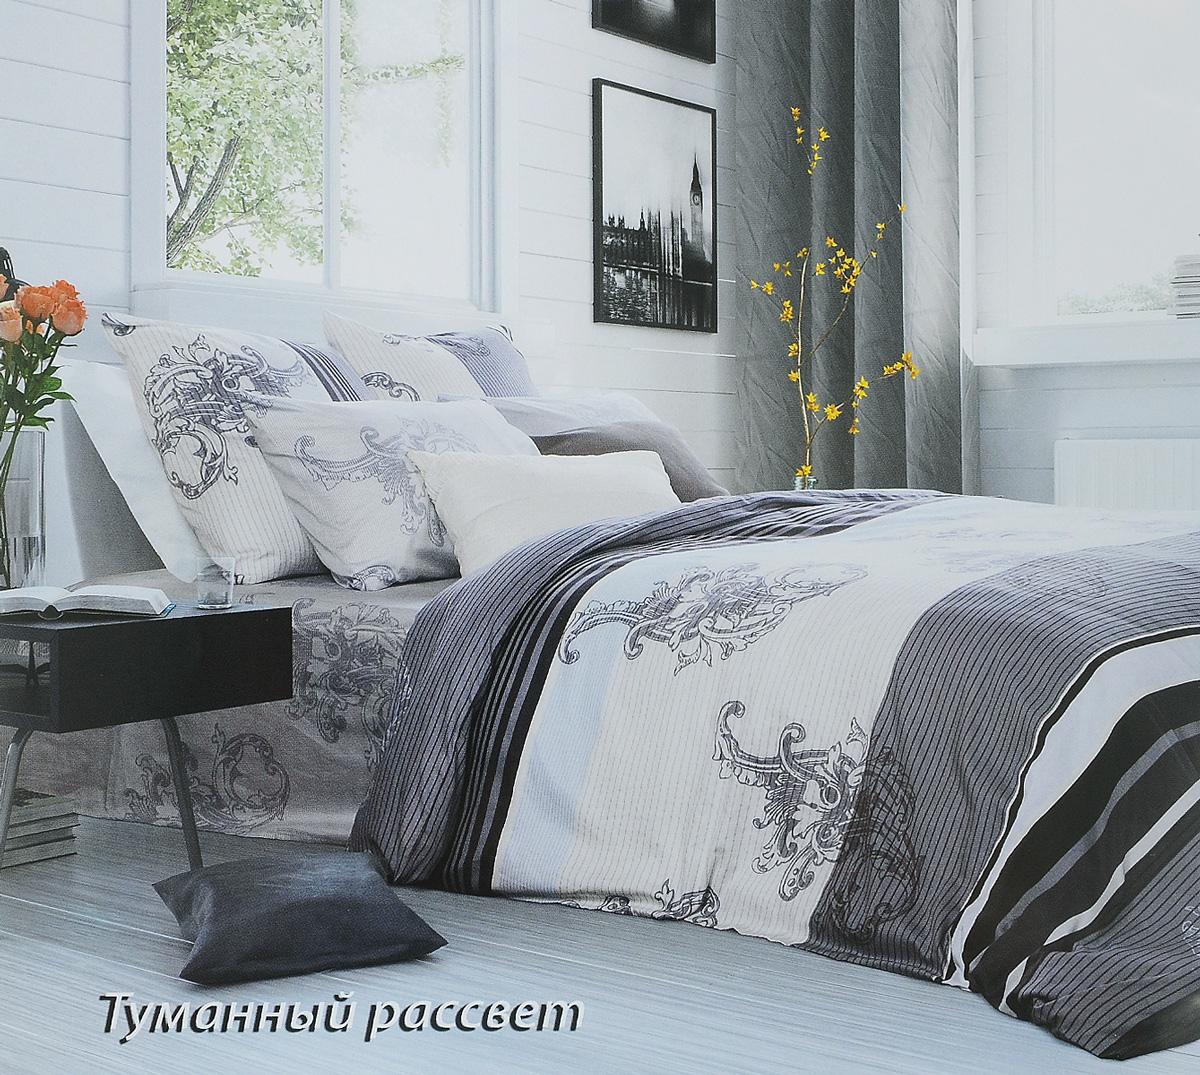 Комплект белья Tiffanys Secret Туманный рассвет, 1,5-спальный, наволочки 50х70, цвет: серый, белый2040115959Комплект постельного белья Tiffanys Secret Туманный рассвет является экологически безопасным для всей семьи, так как выполнен из сатина (100% хлопок). Комплект состоит из пододеяльника, простыни и двух наволочек. Предметы комплекта оформлены оригинальным рисунком. Благодаря такому комплекту постельного белья вы сможете создать атмосферу уюта и комфорта в вашей спальне. Сатин - это ткань, навсегда покорившая сердца человечества. Ценившие роскошь персы называли ее атлас, а искушенные в прекрасном французы - сатин. Секрет высококачественного сатина в безупречности всего технологического процесса. Эту благородную ткань делают только из отборной натуральной пряжи, которую получают из самого лучшего тонковолокнистого хлопка. Благодаря использованию самой тонкой хлопковой нити получается необычайно мягкое и нежное полотно. Сатиновое постельное белье превращает жаркие летние ночи в прохладные и освежающие, а холодные зимние - в теплые и согревающие. ...